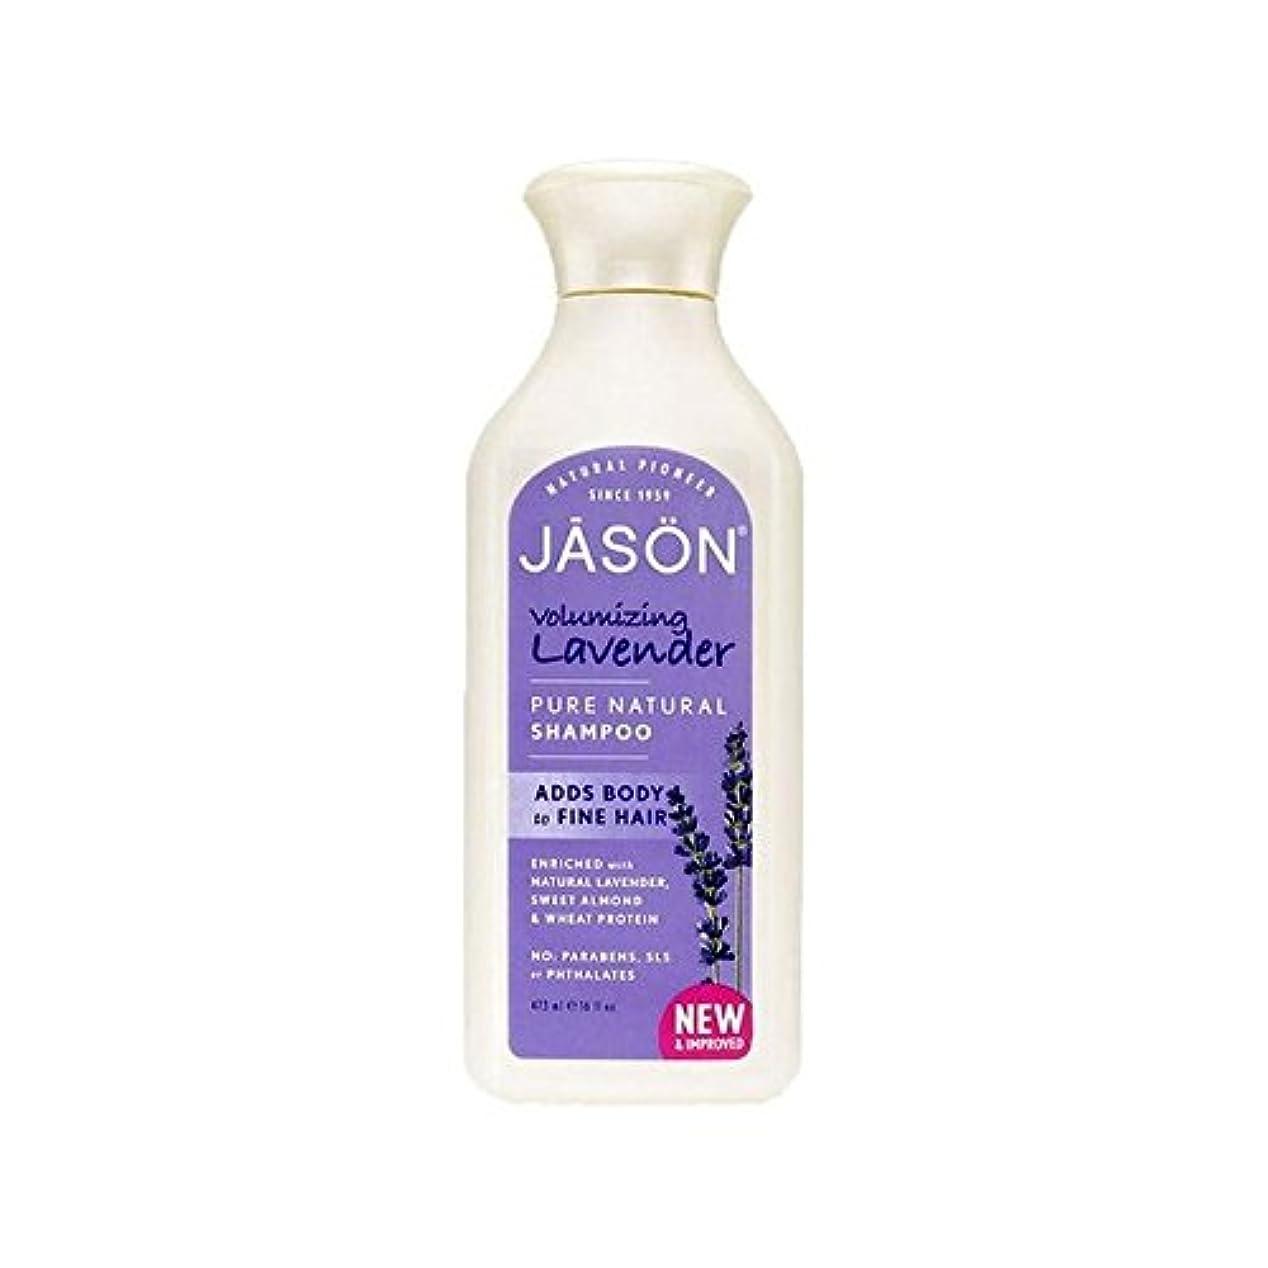 説得意味する腰Jason Natural Lavender Shampoo (473ml) (Pack of 6) - ジェイソン自然ラベンダーシャンプー(473ミリリットル) x6 [並行輸入品]